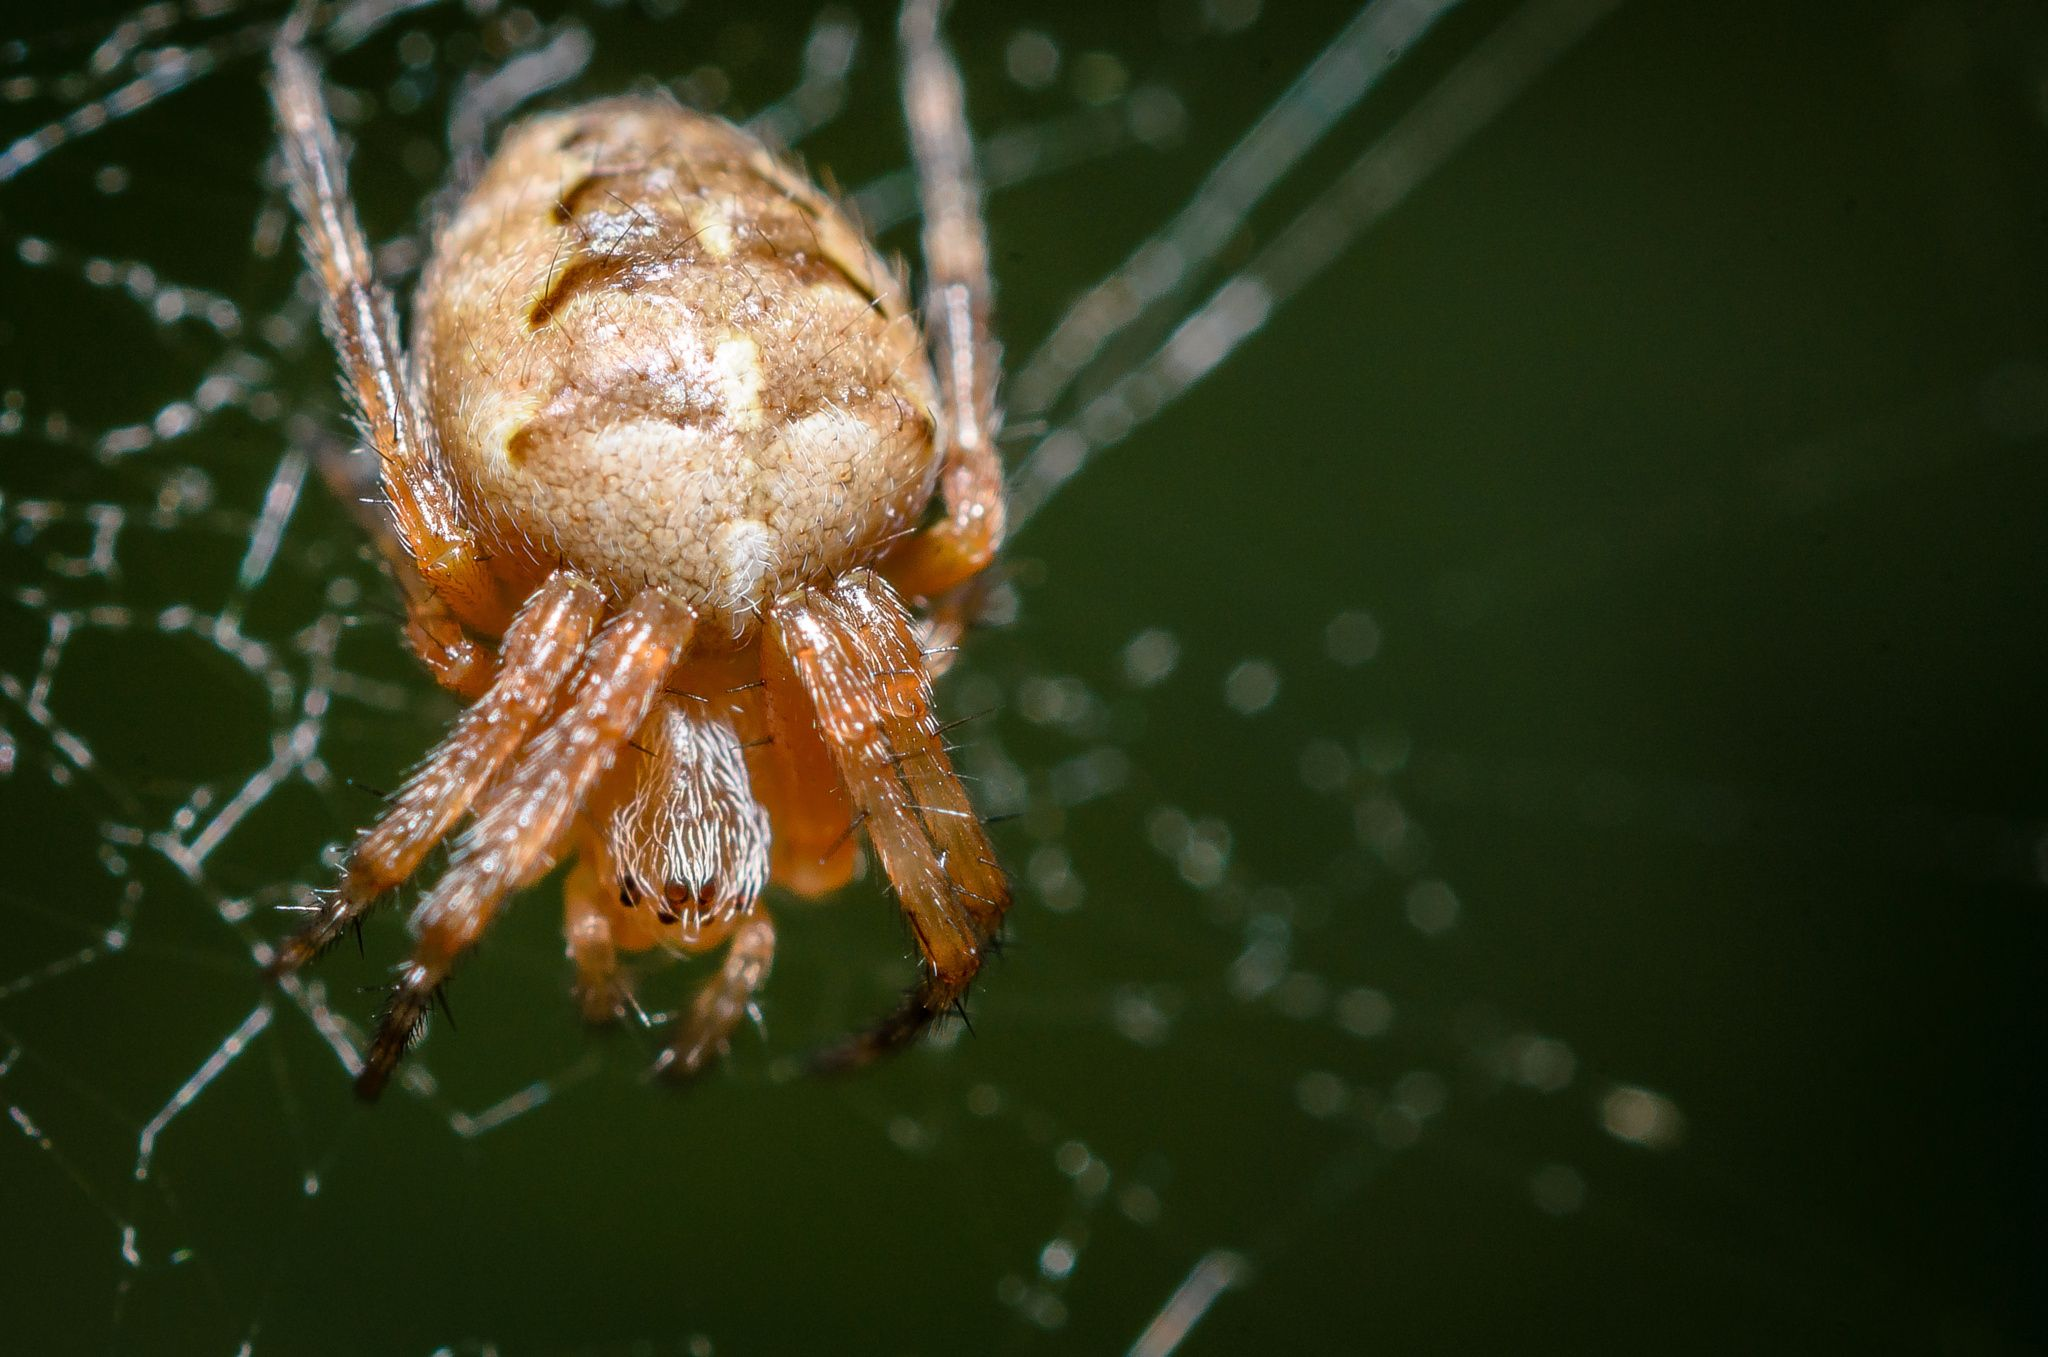 So small spider by Marek Weisskopf on 500px